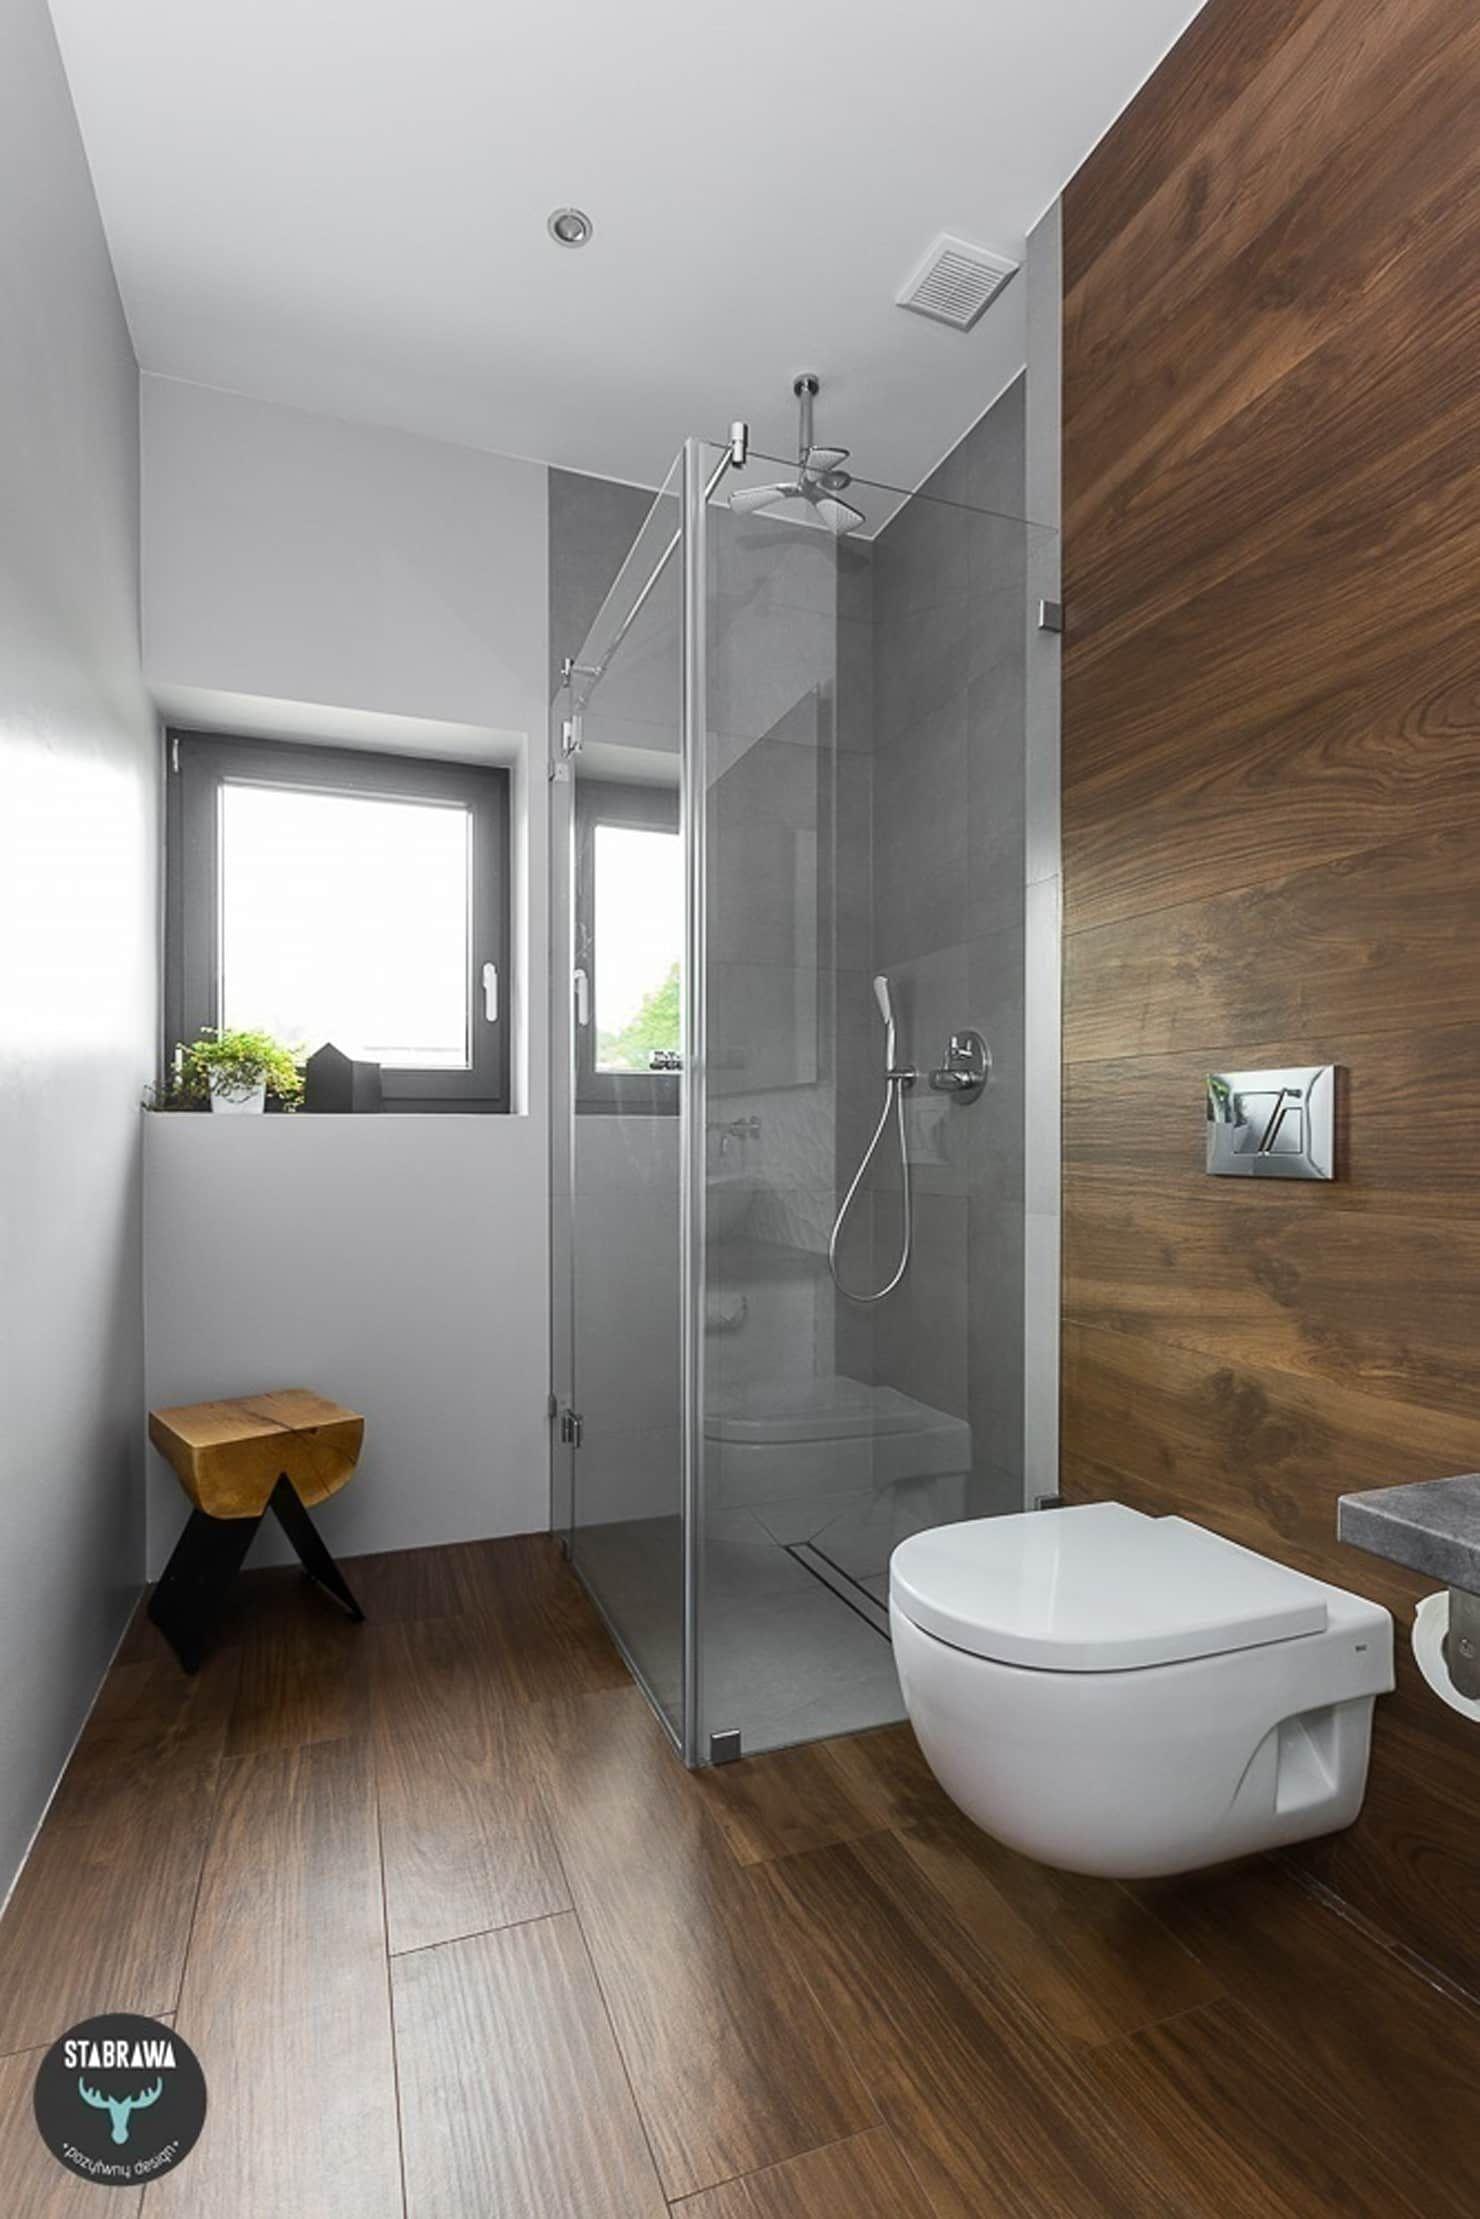 Skandinavische Badezimmer Von Stabrawa Pl Skandinavisch Homify Skandinavisches Badezimmer Badezimmer Badezimmer Design